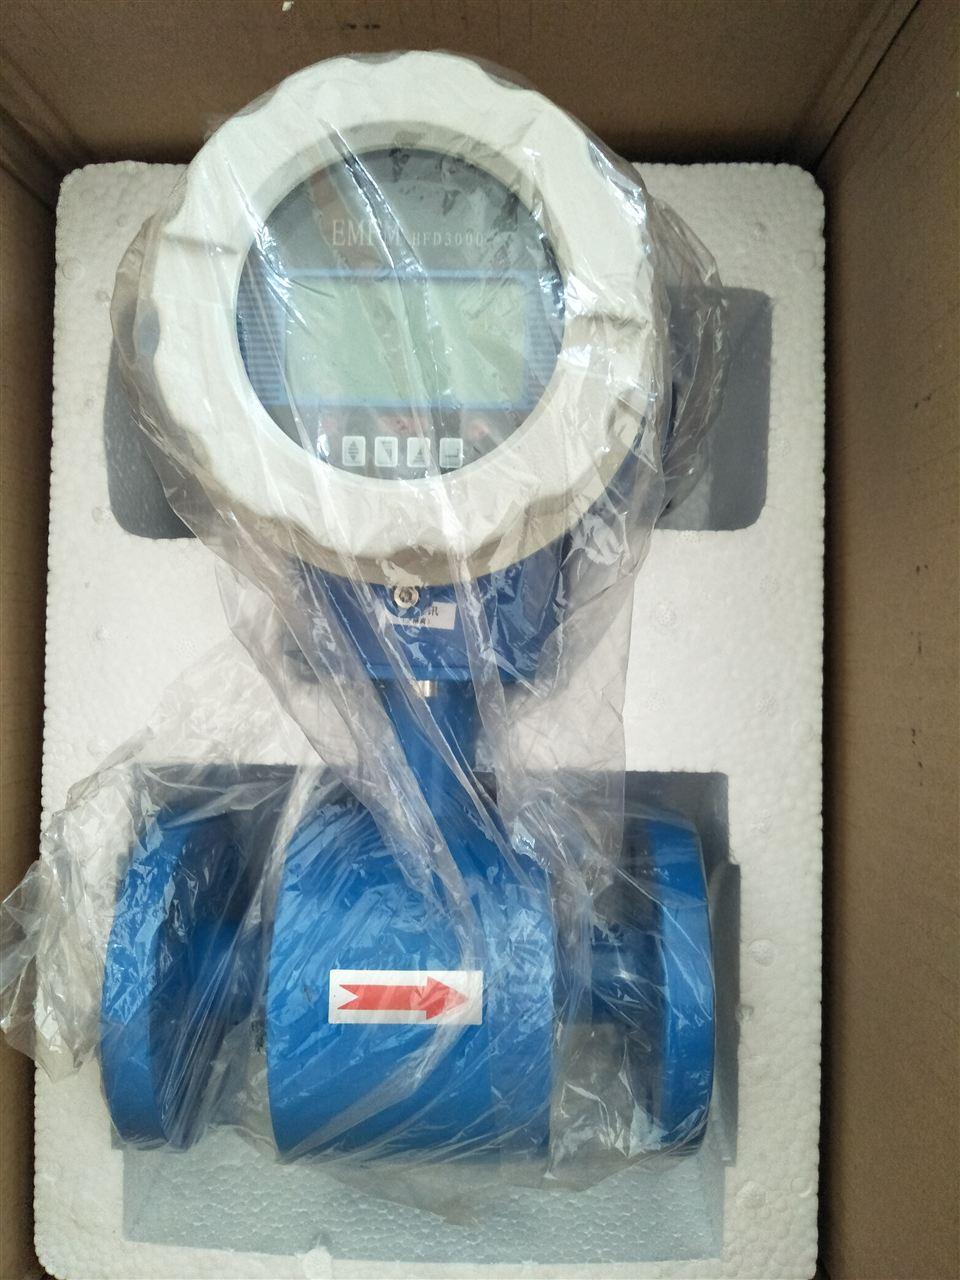 双氧水专用流量计,管道双氧水流量计,双氧水流量计厂家,双氧水